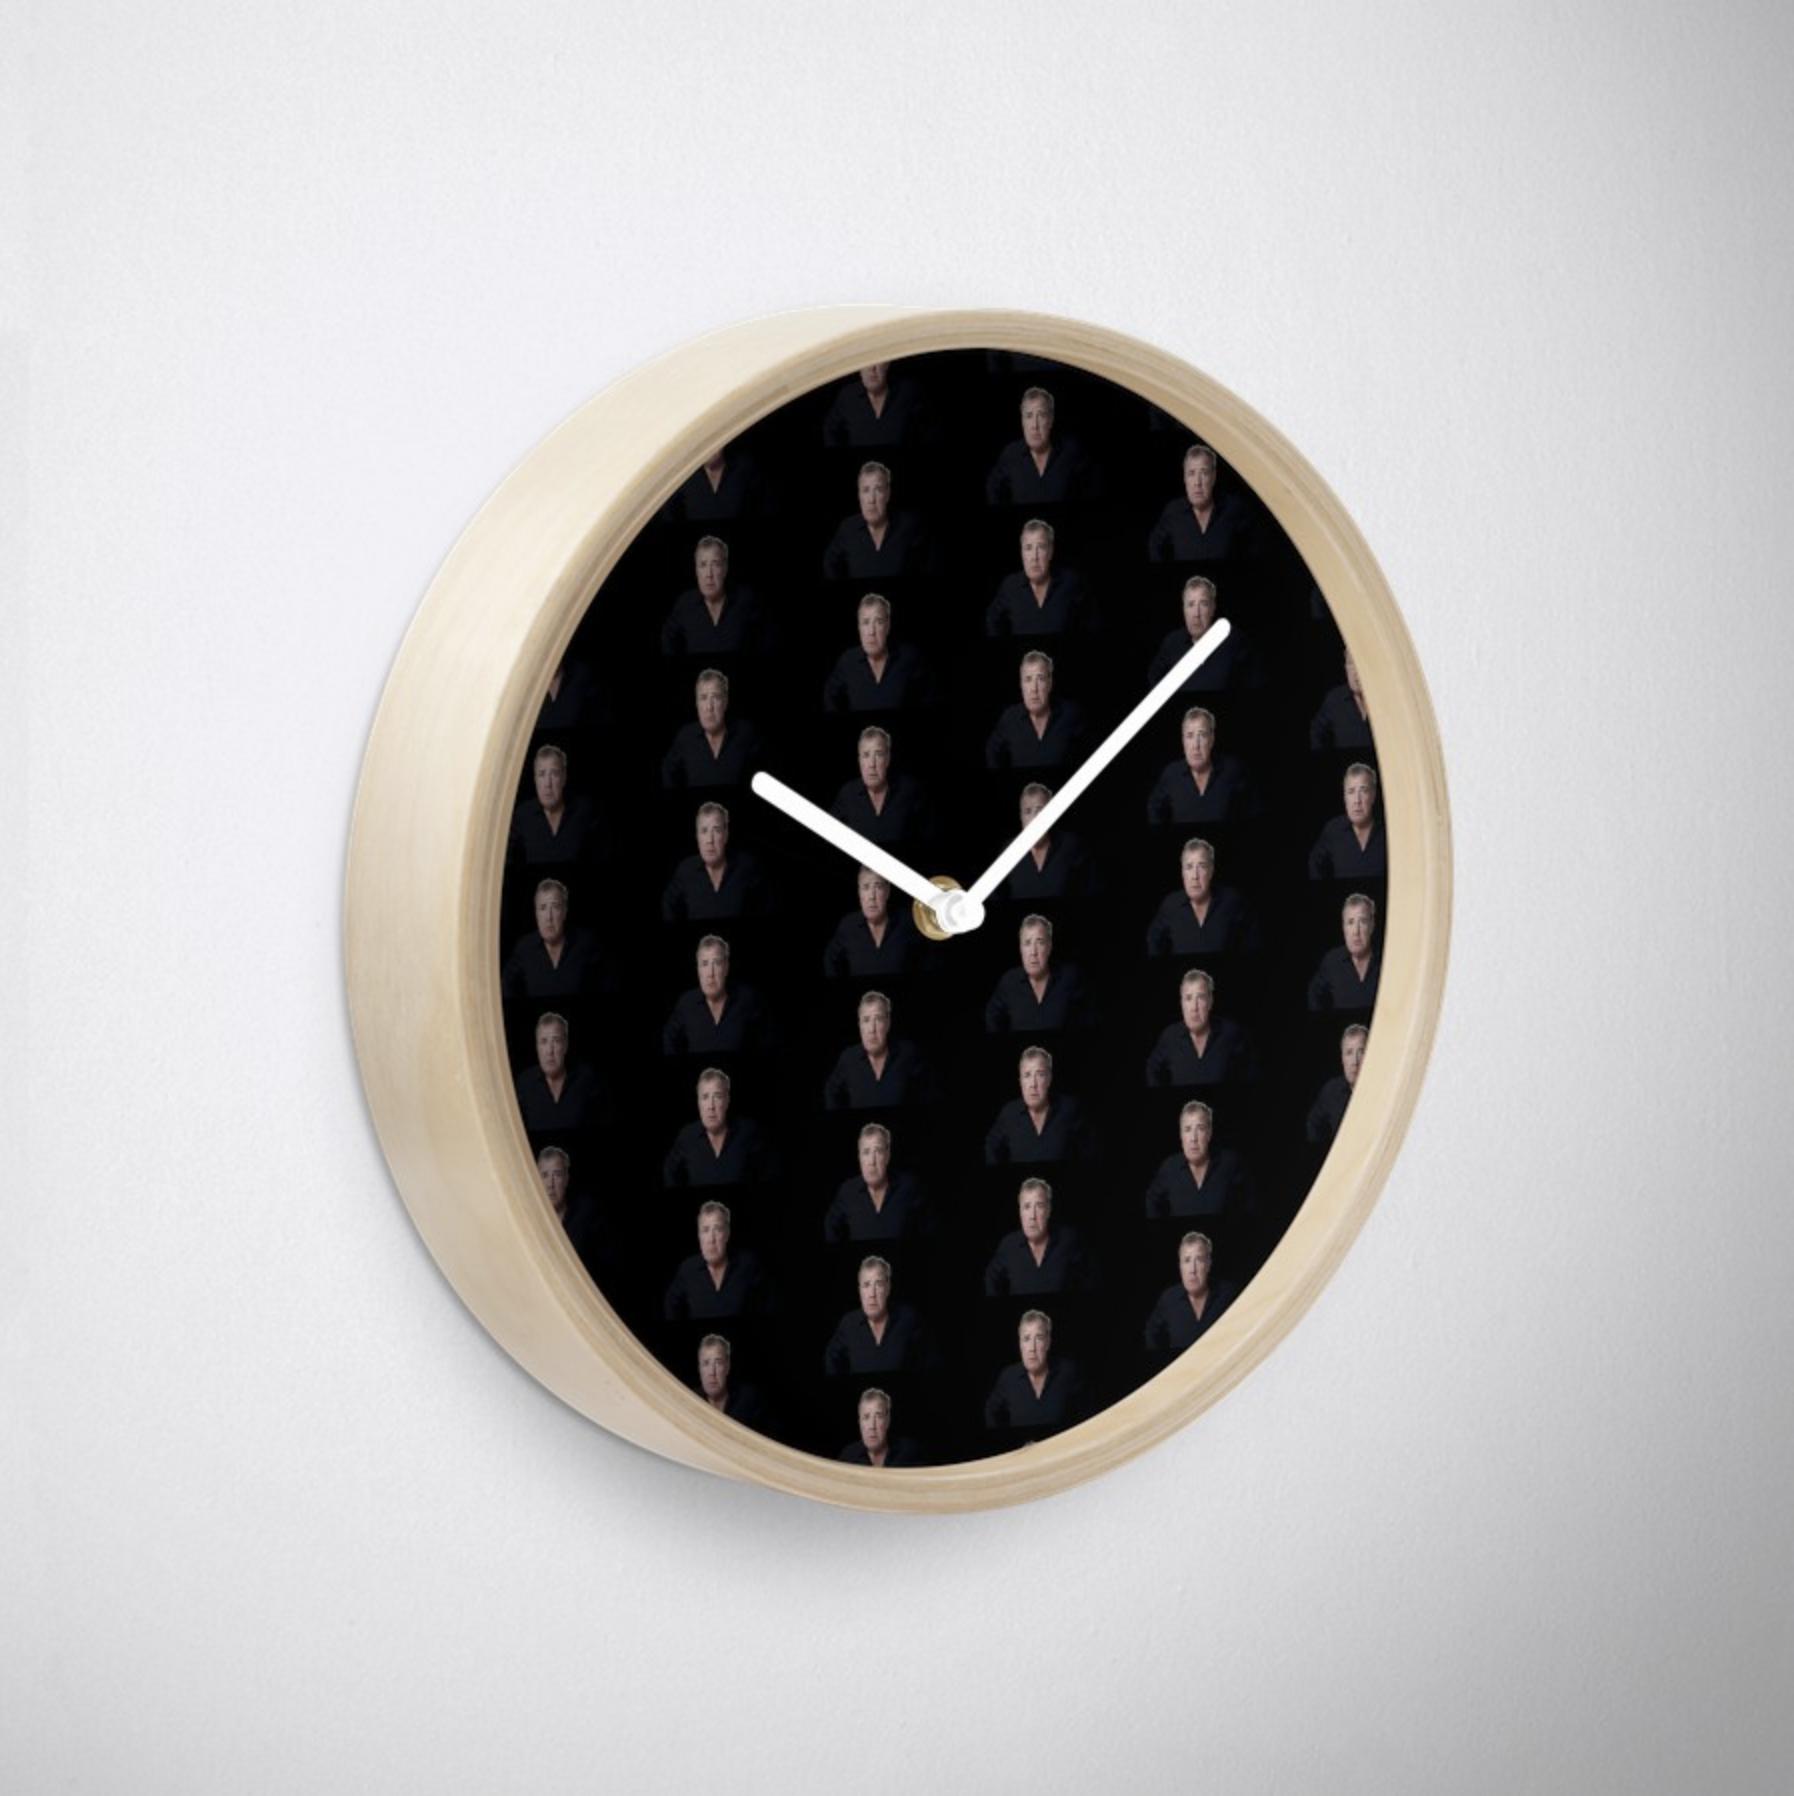 The Jeremy Clarkson Clock